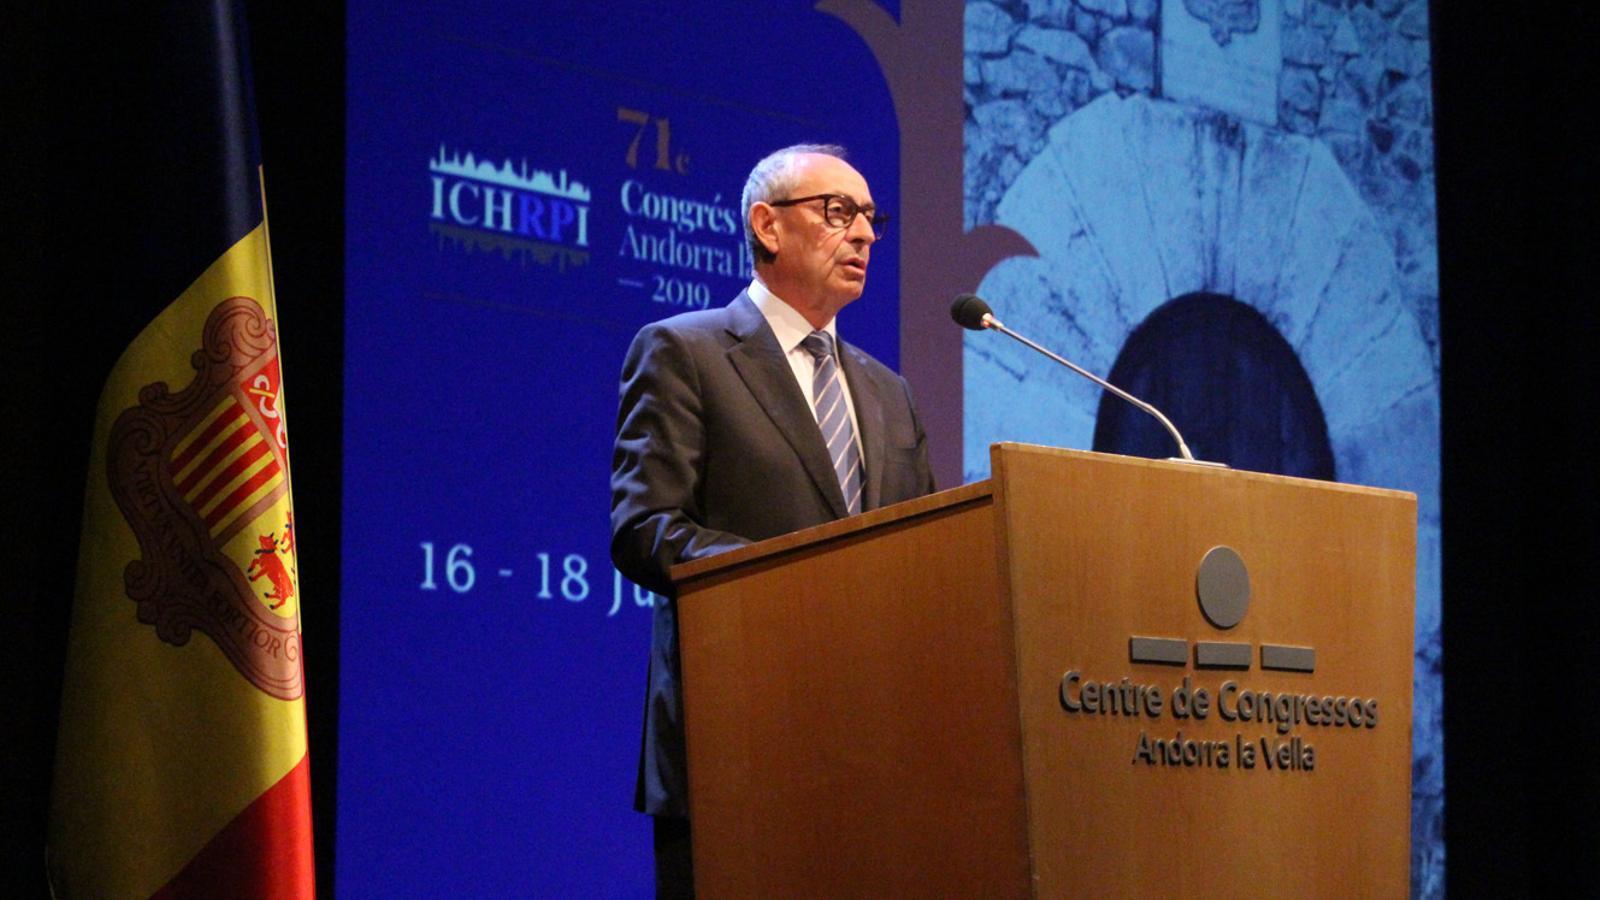 El president de la CIHAPR, Joseba Agirreazkuenaga, durant la seva intervenció. / M. P.